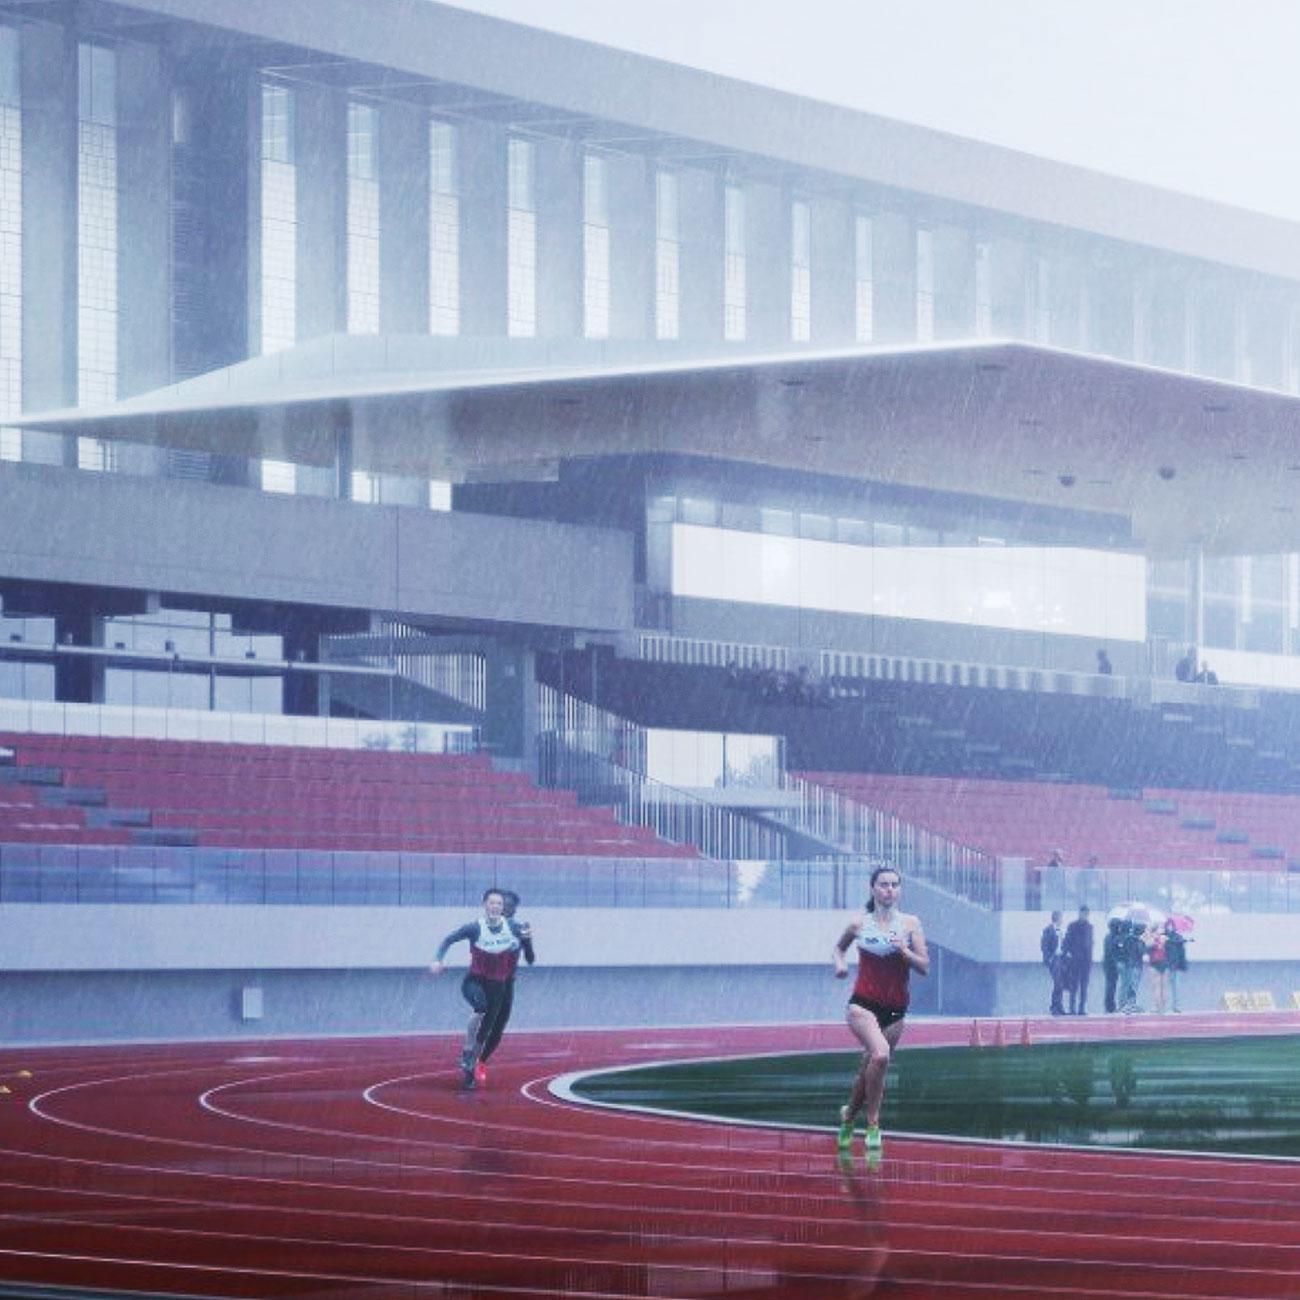 Sky Windows SFU Stadium Rainy Track